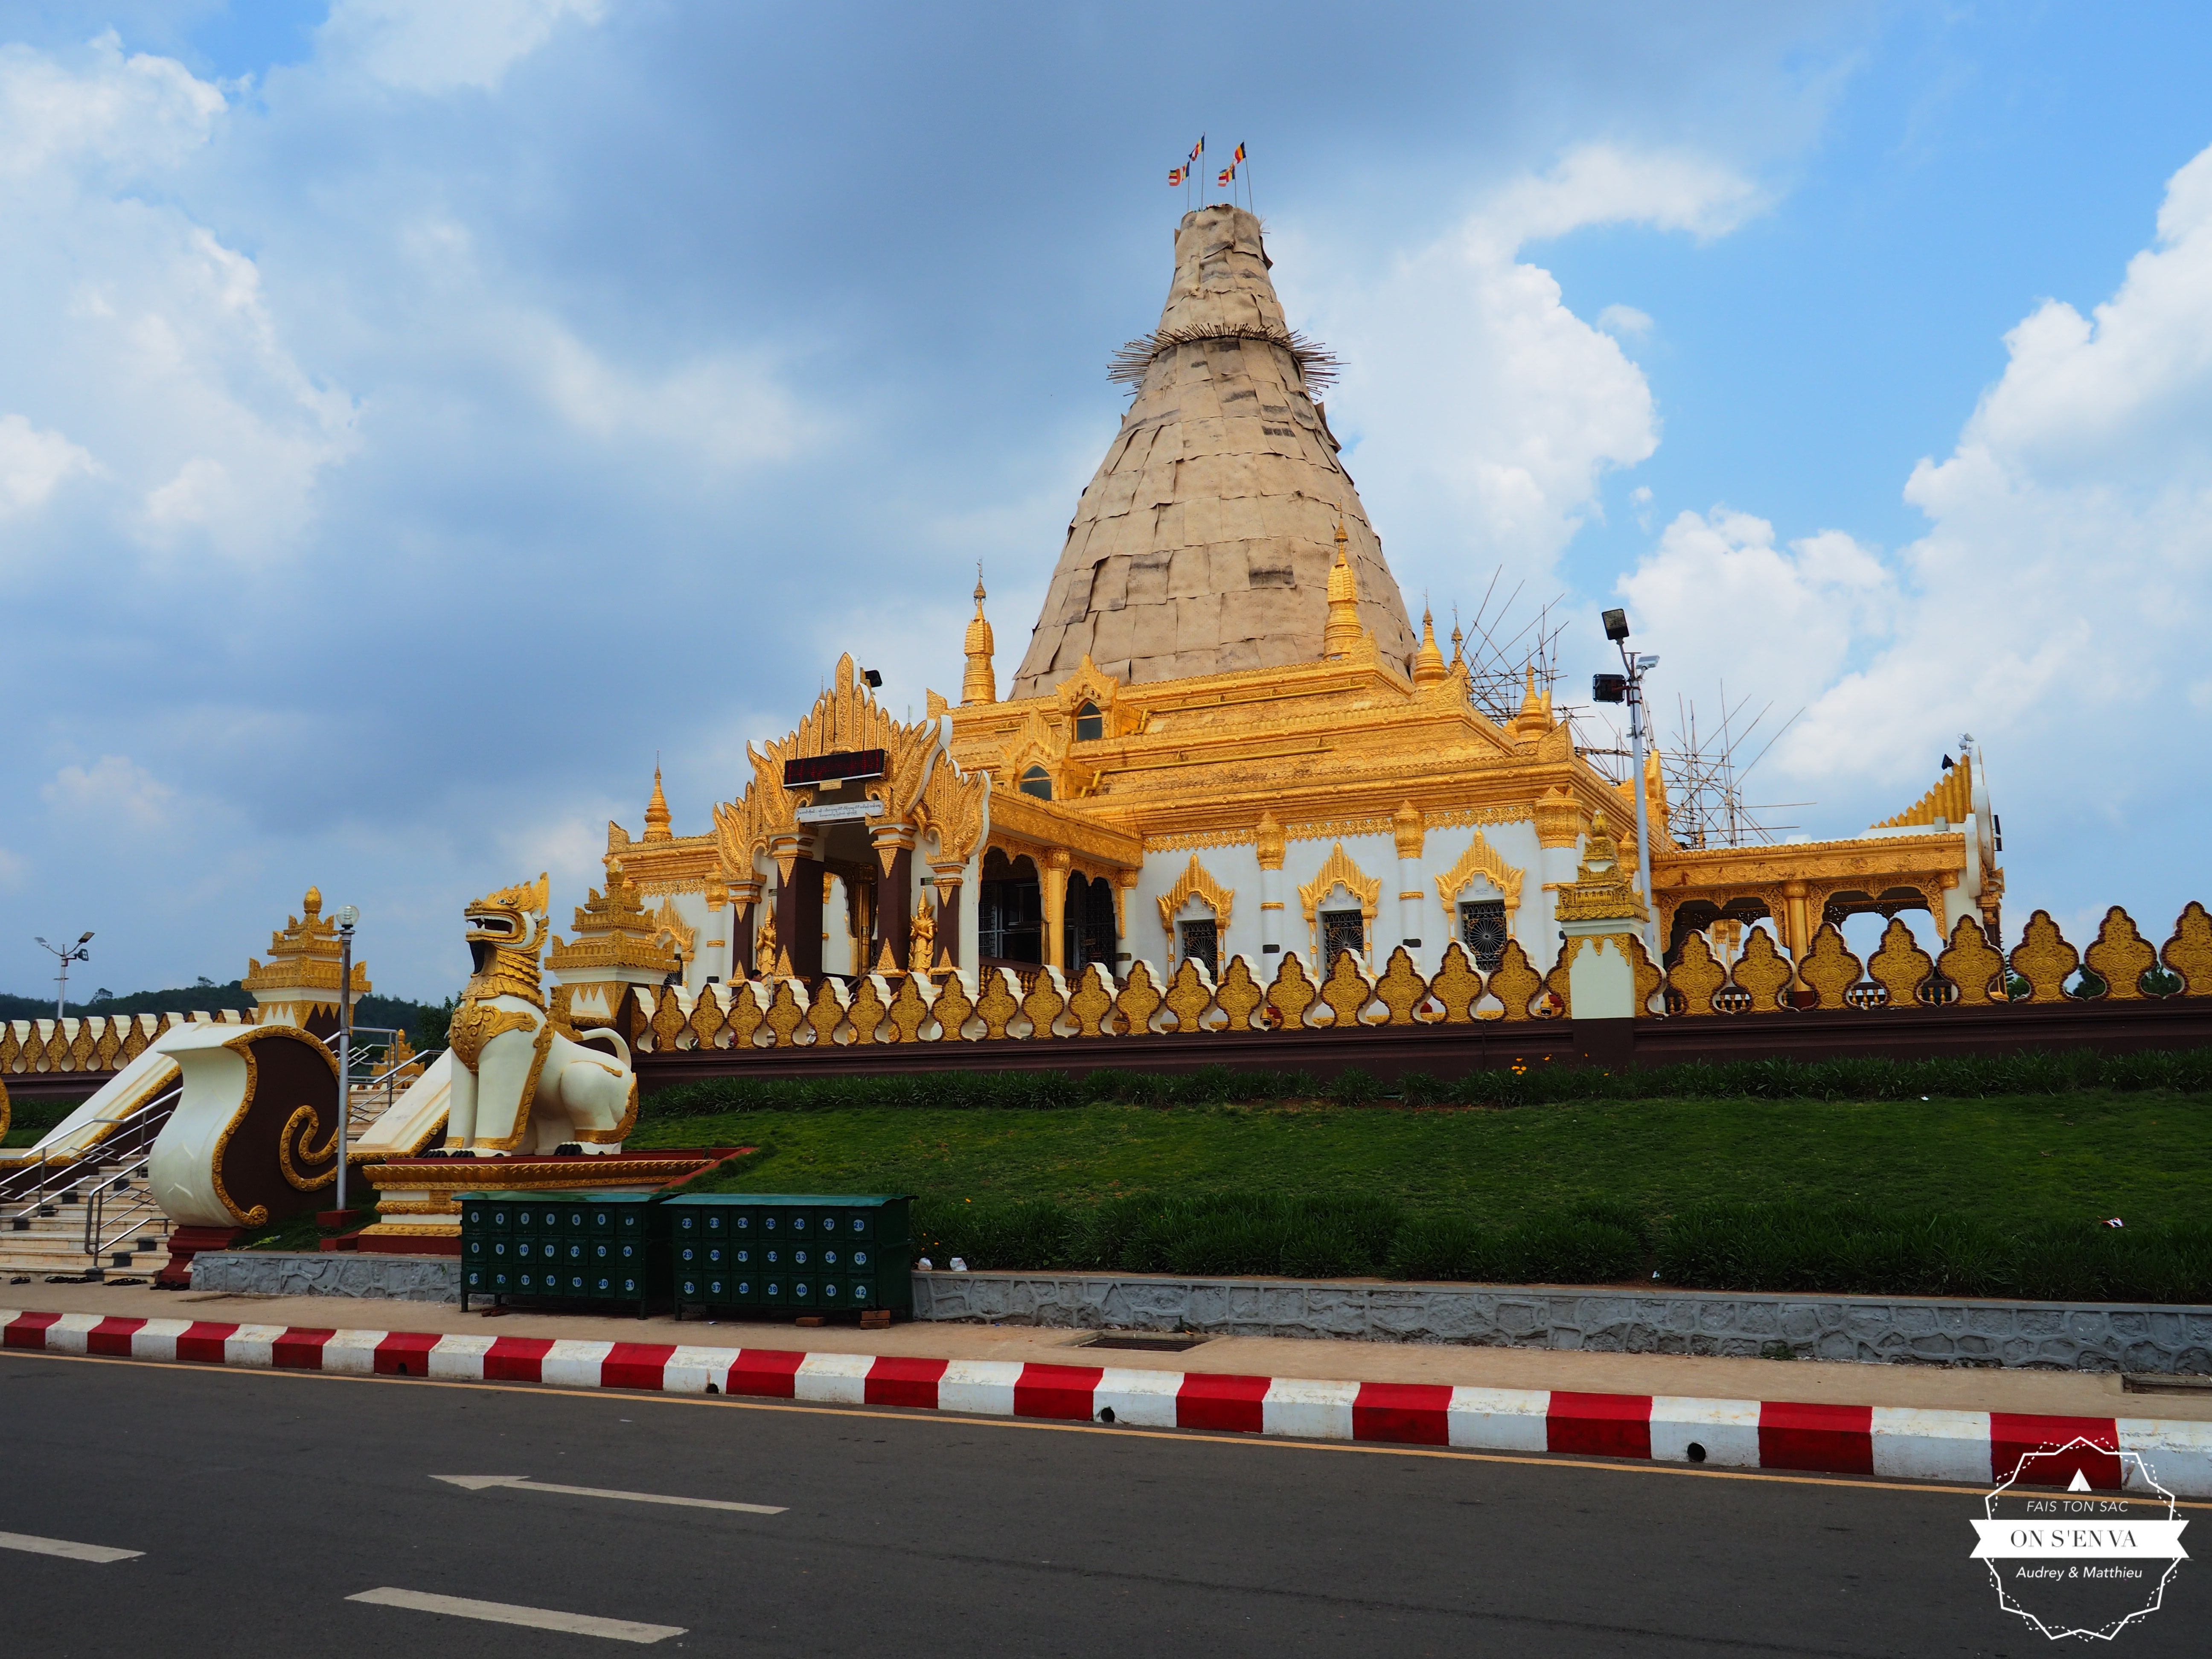 La pagode Maha Ant Thu Kan Thar